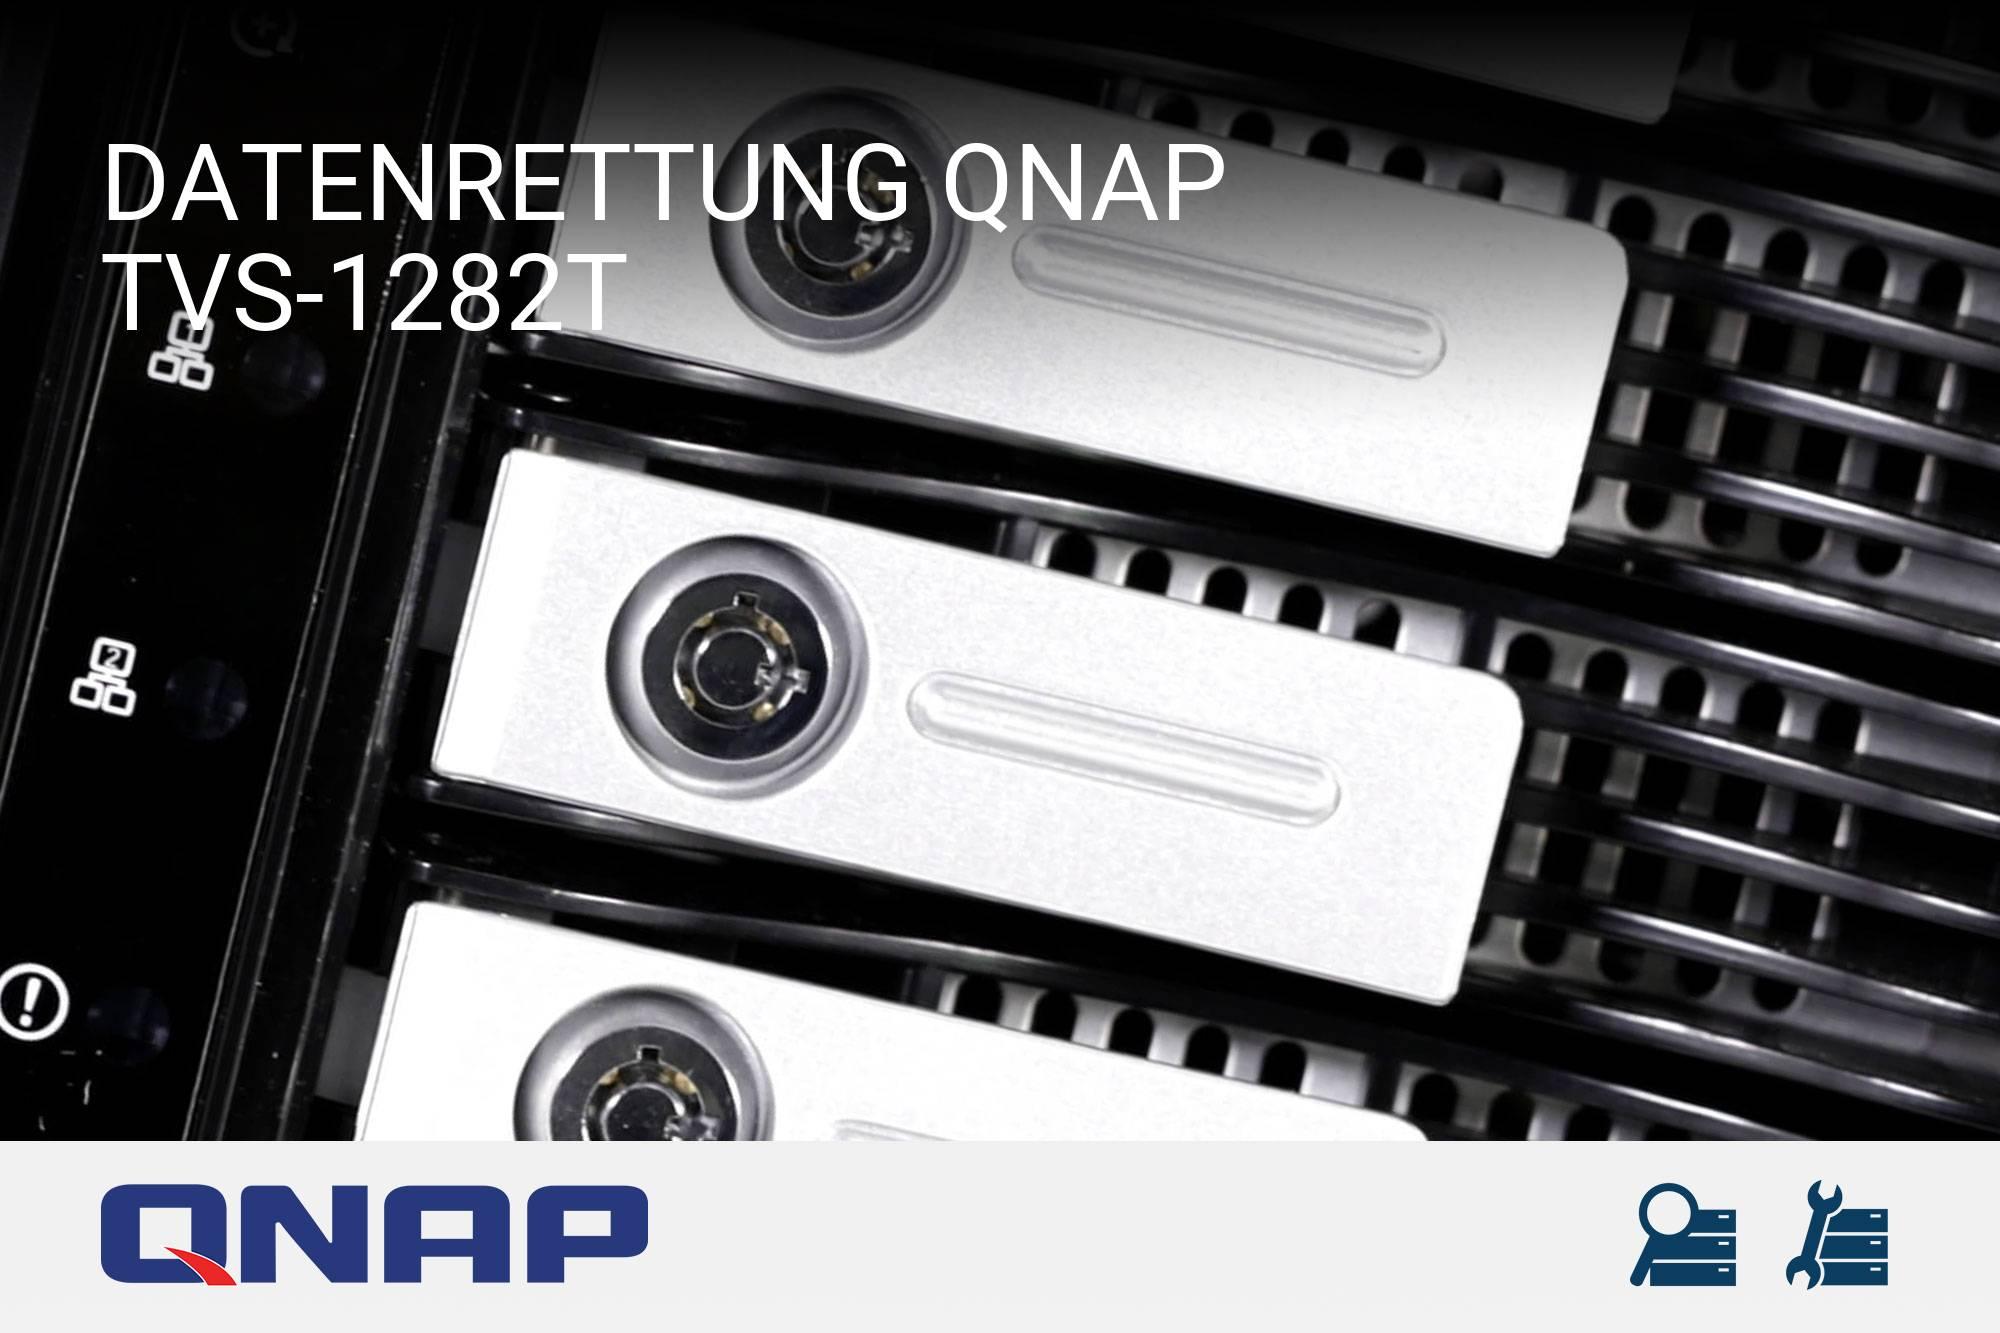 QNAP TVS-1282T